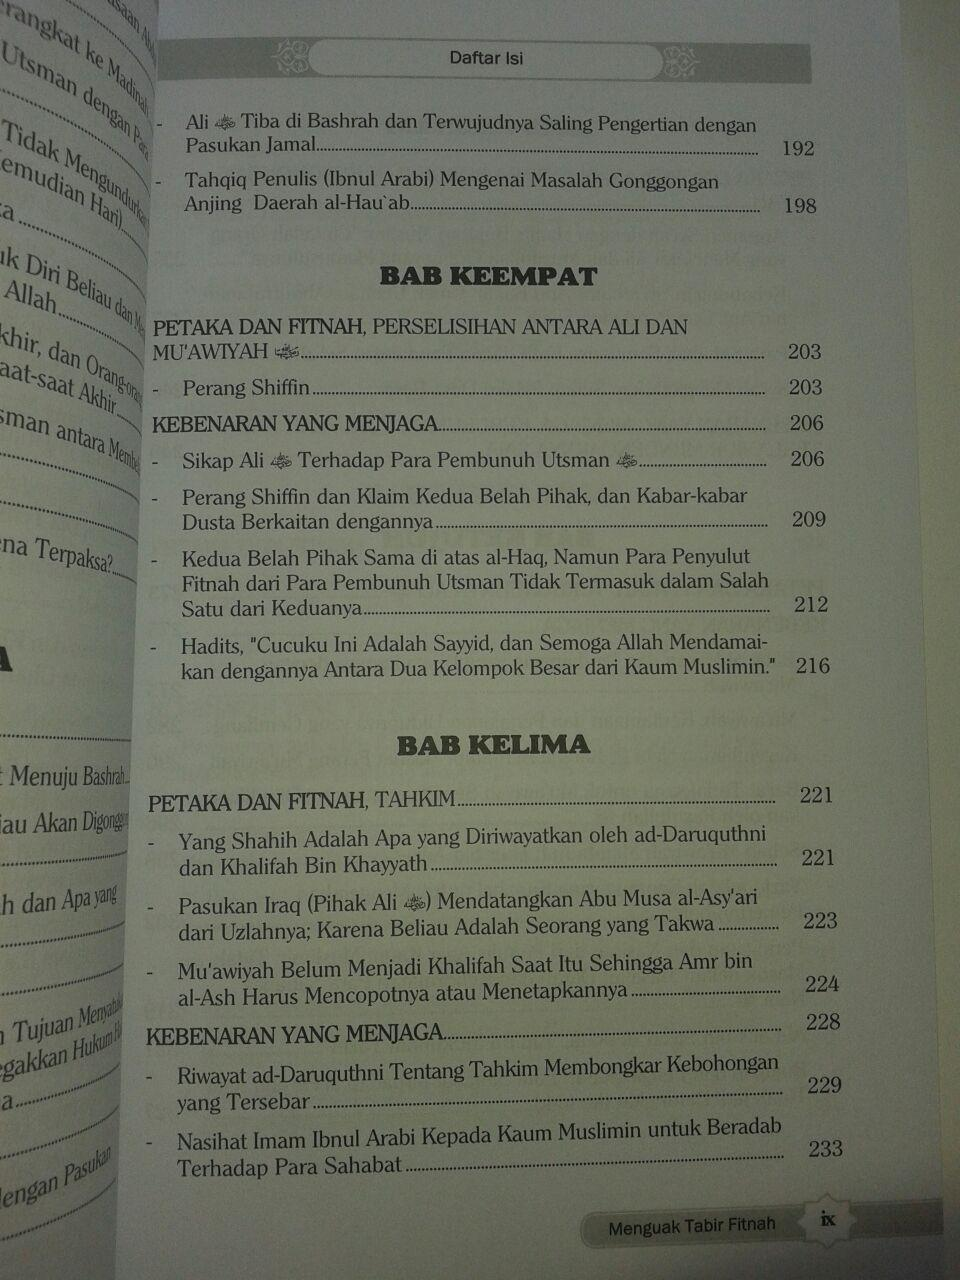 Buku Meluruskan Sejarah Menguak Tabir Fitnah isi 2